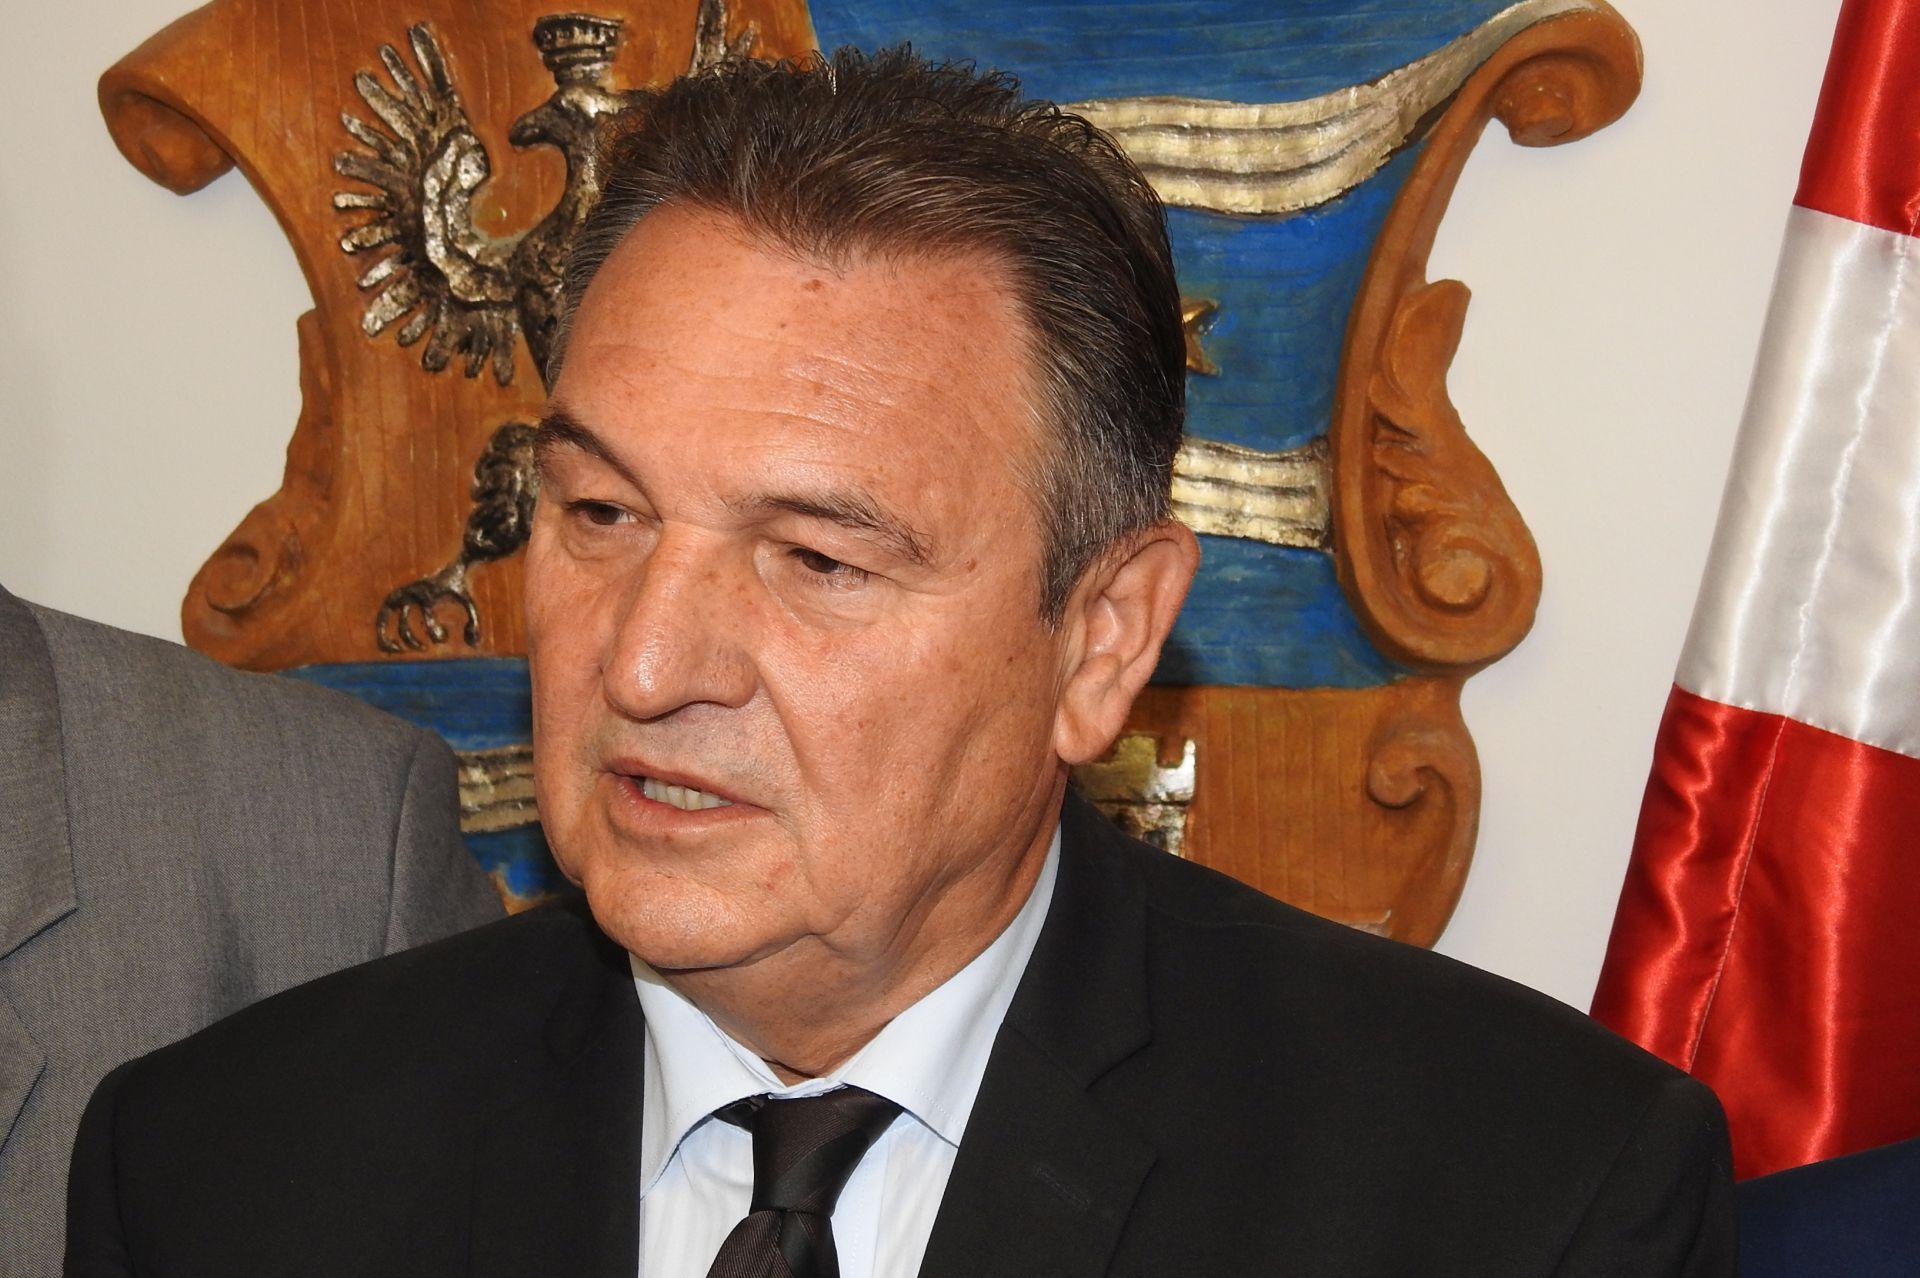 Čačić: Reformisti će na sljedeće izbore sa strankama centra